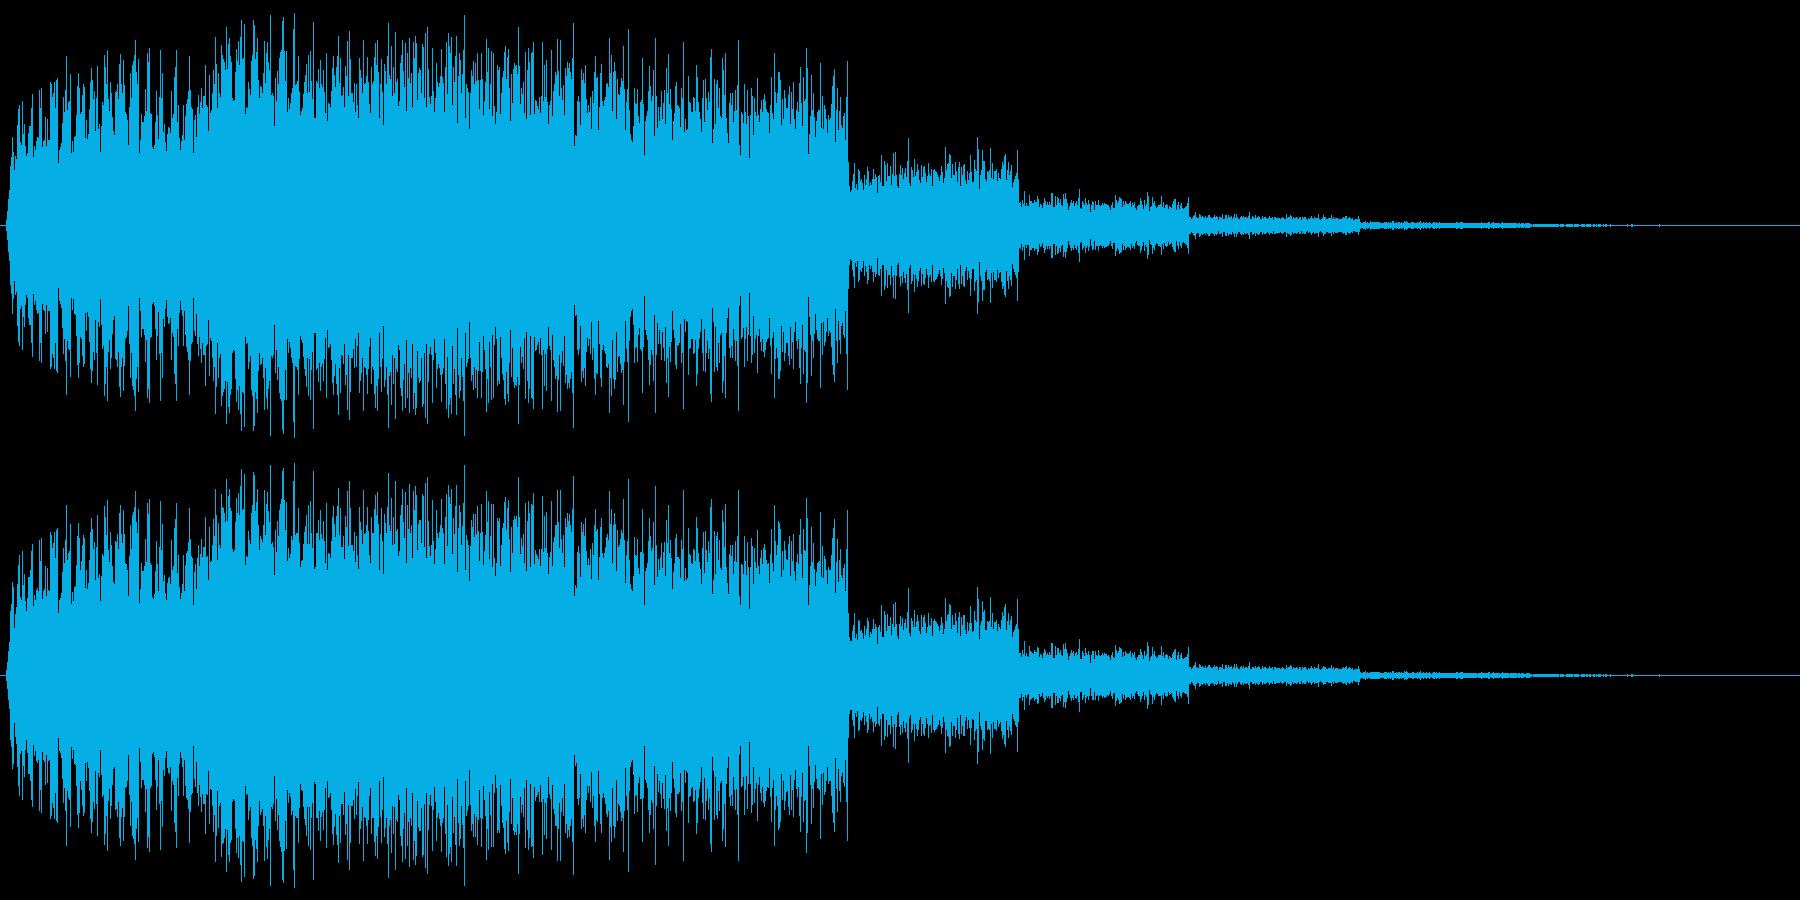 キラキラキラ(流れ星)の再生済みの波形